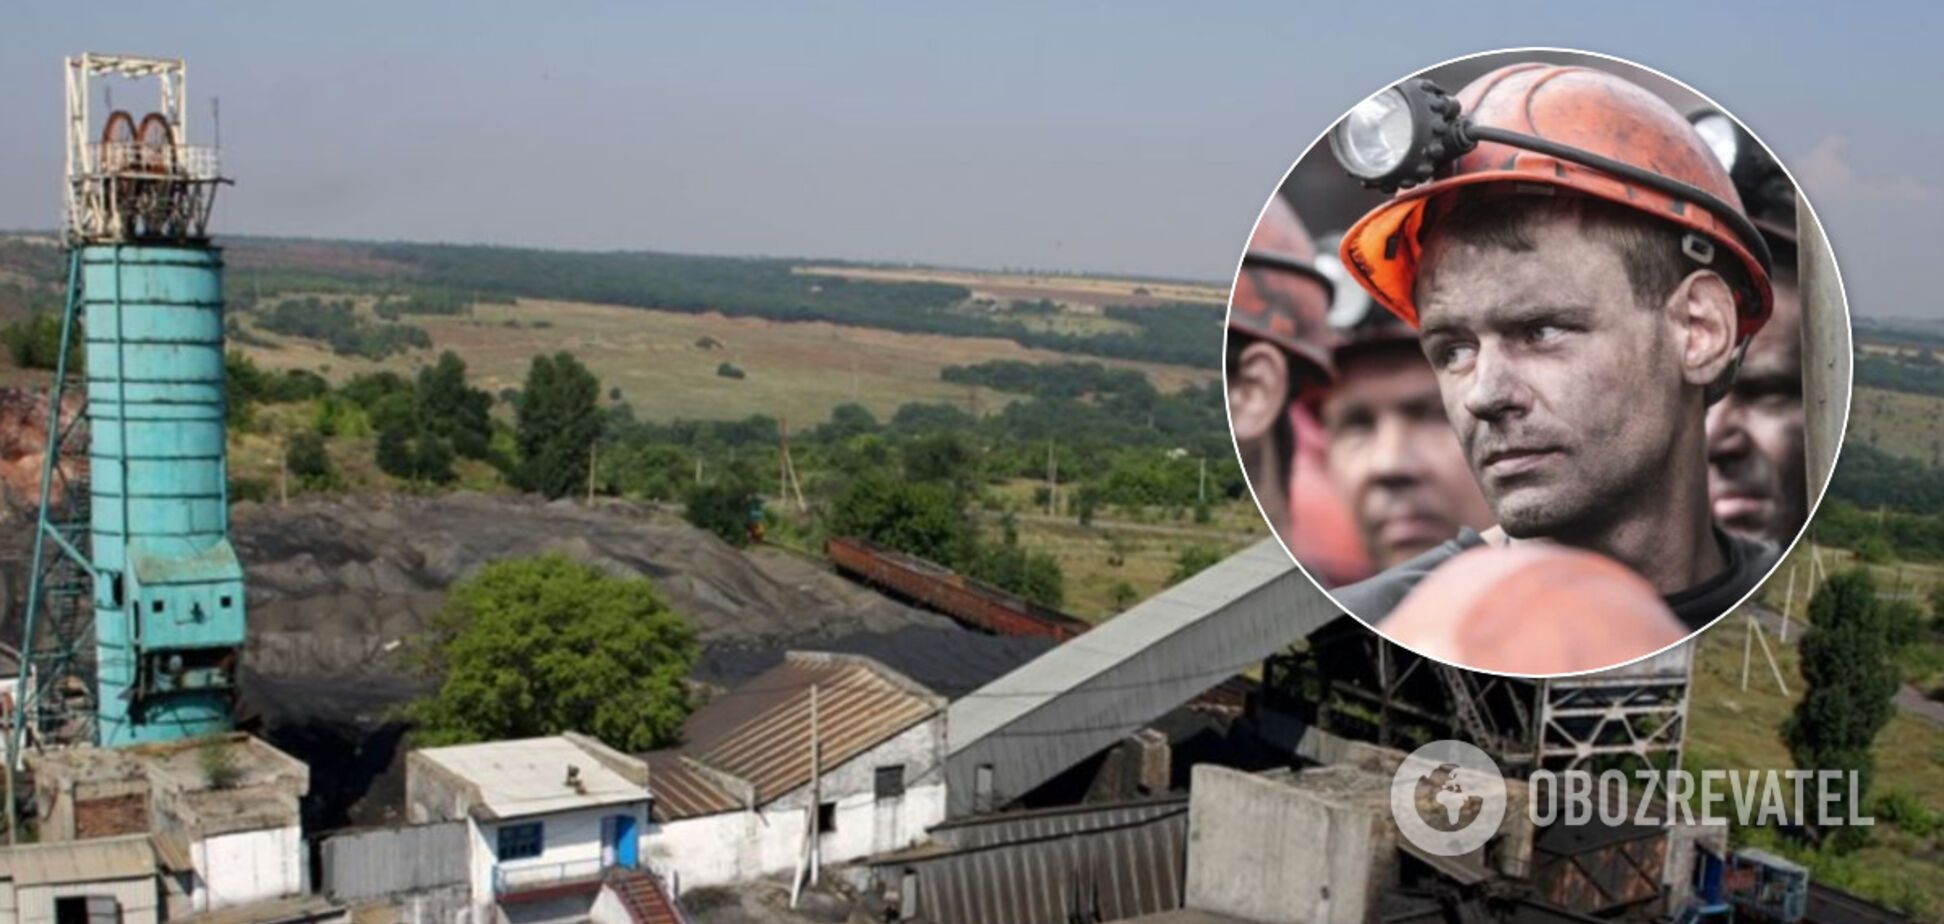 Зарплати шахтарів за 6 років упали в кілька разів через схеми Курченка